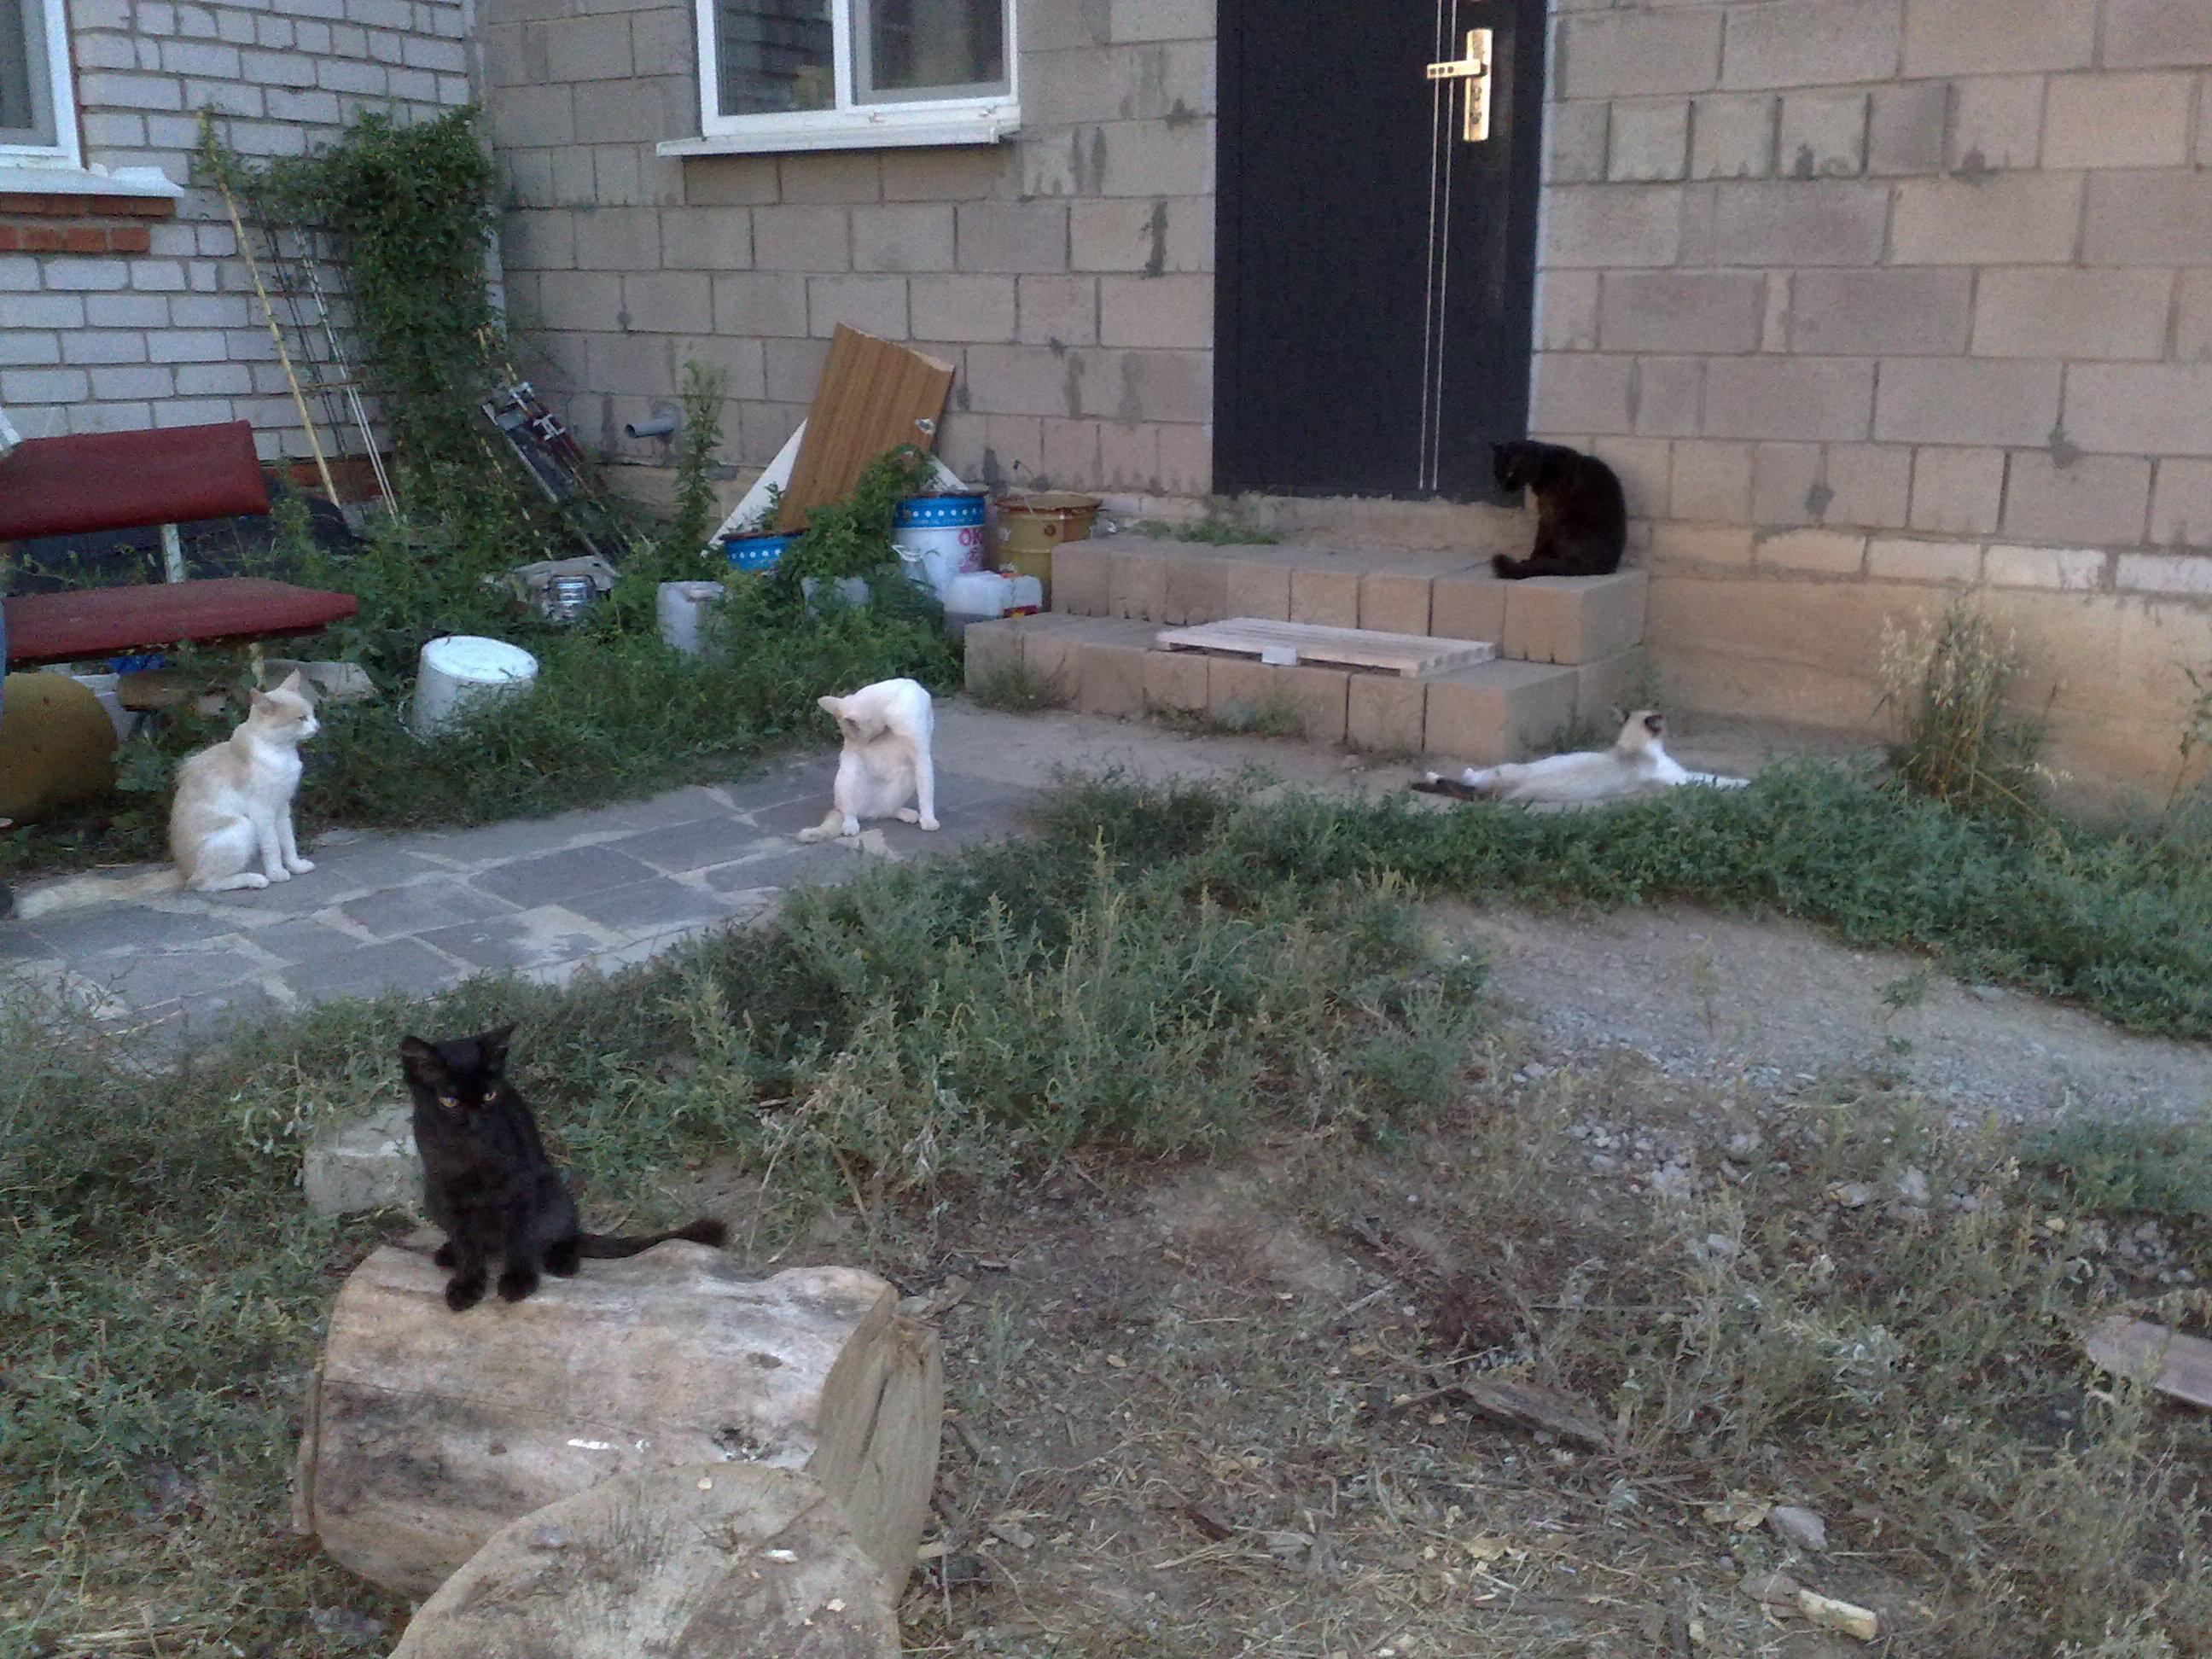 Домашние любимцы Кошки и Собаки - Страница 18 0980425001470898555